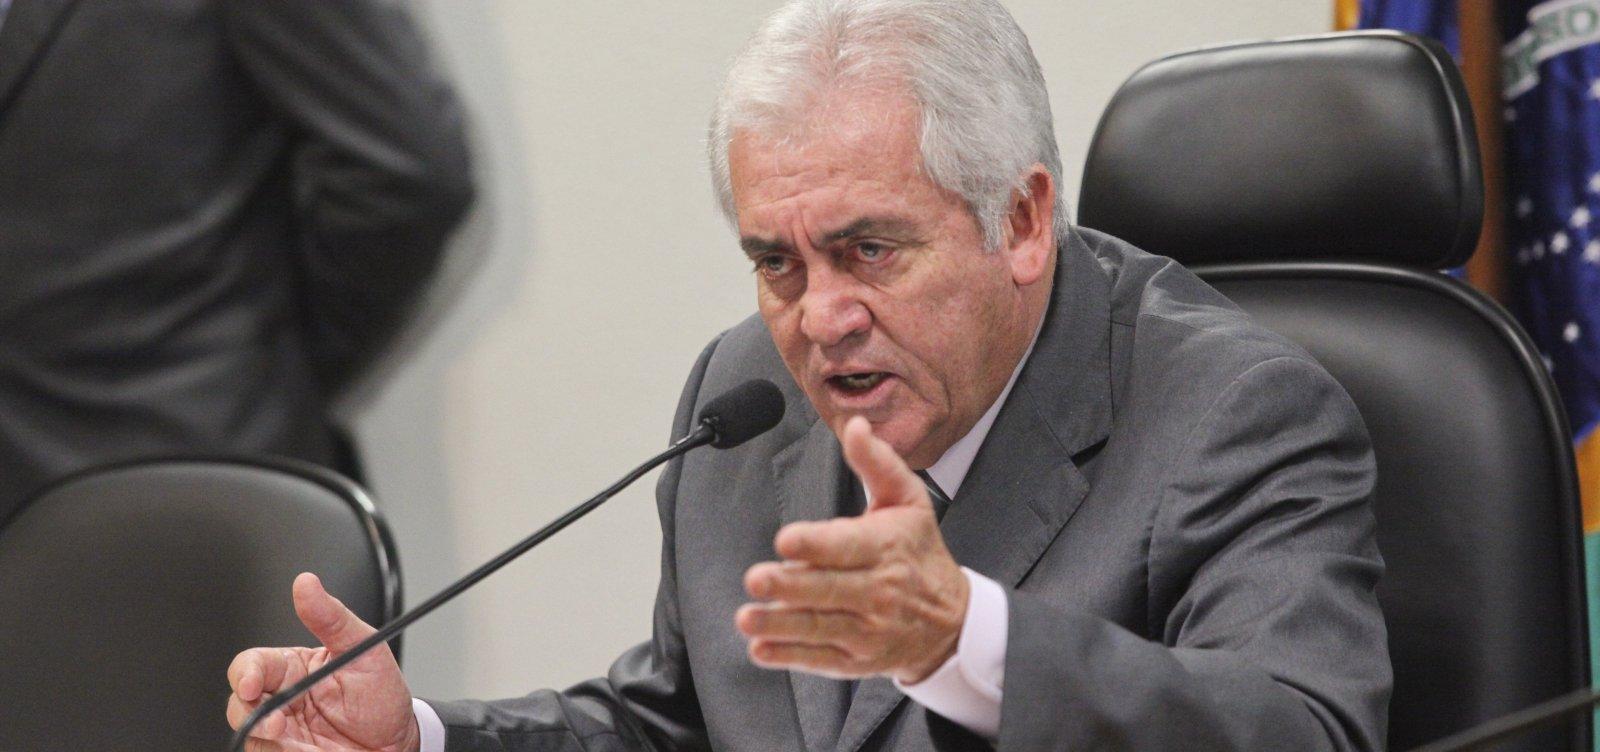 [Otto defende abertura de inquérito contra Bolsonaro por crime de responsabilidade]